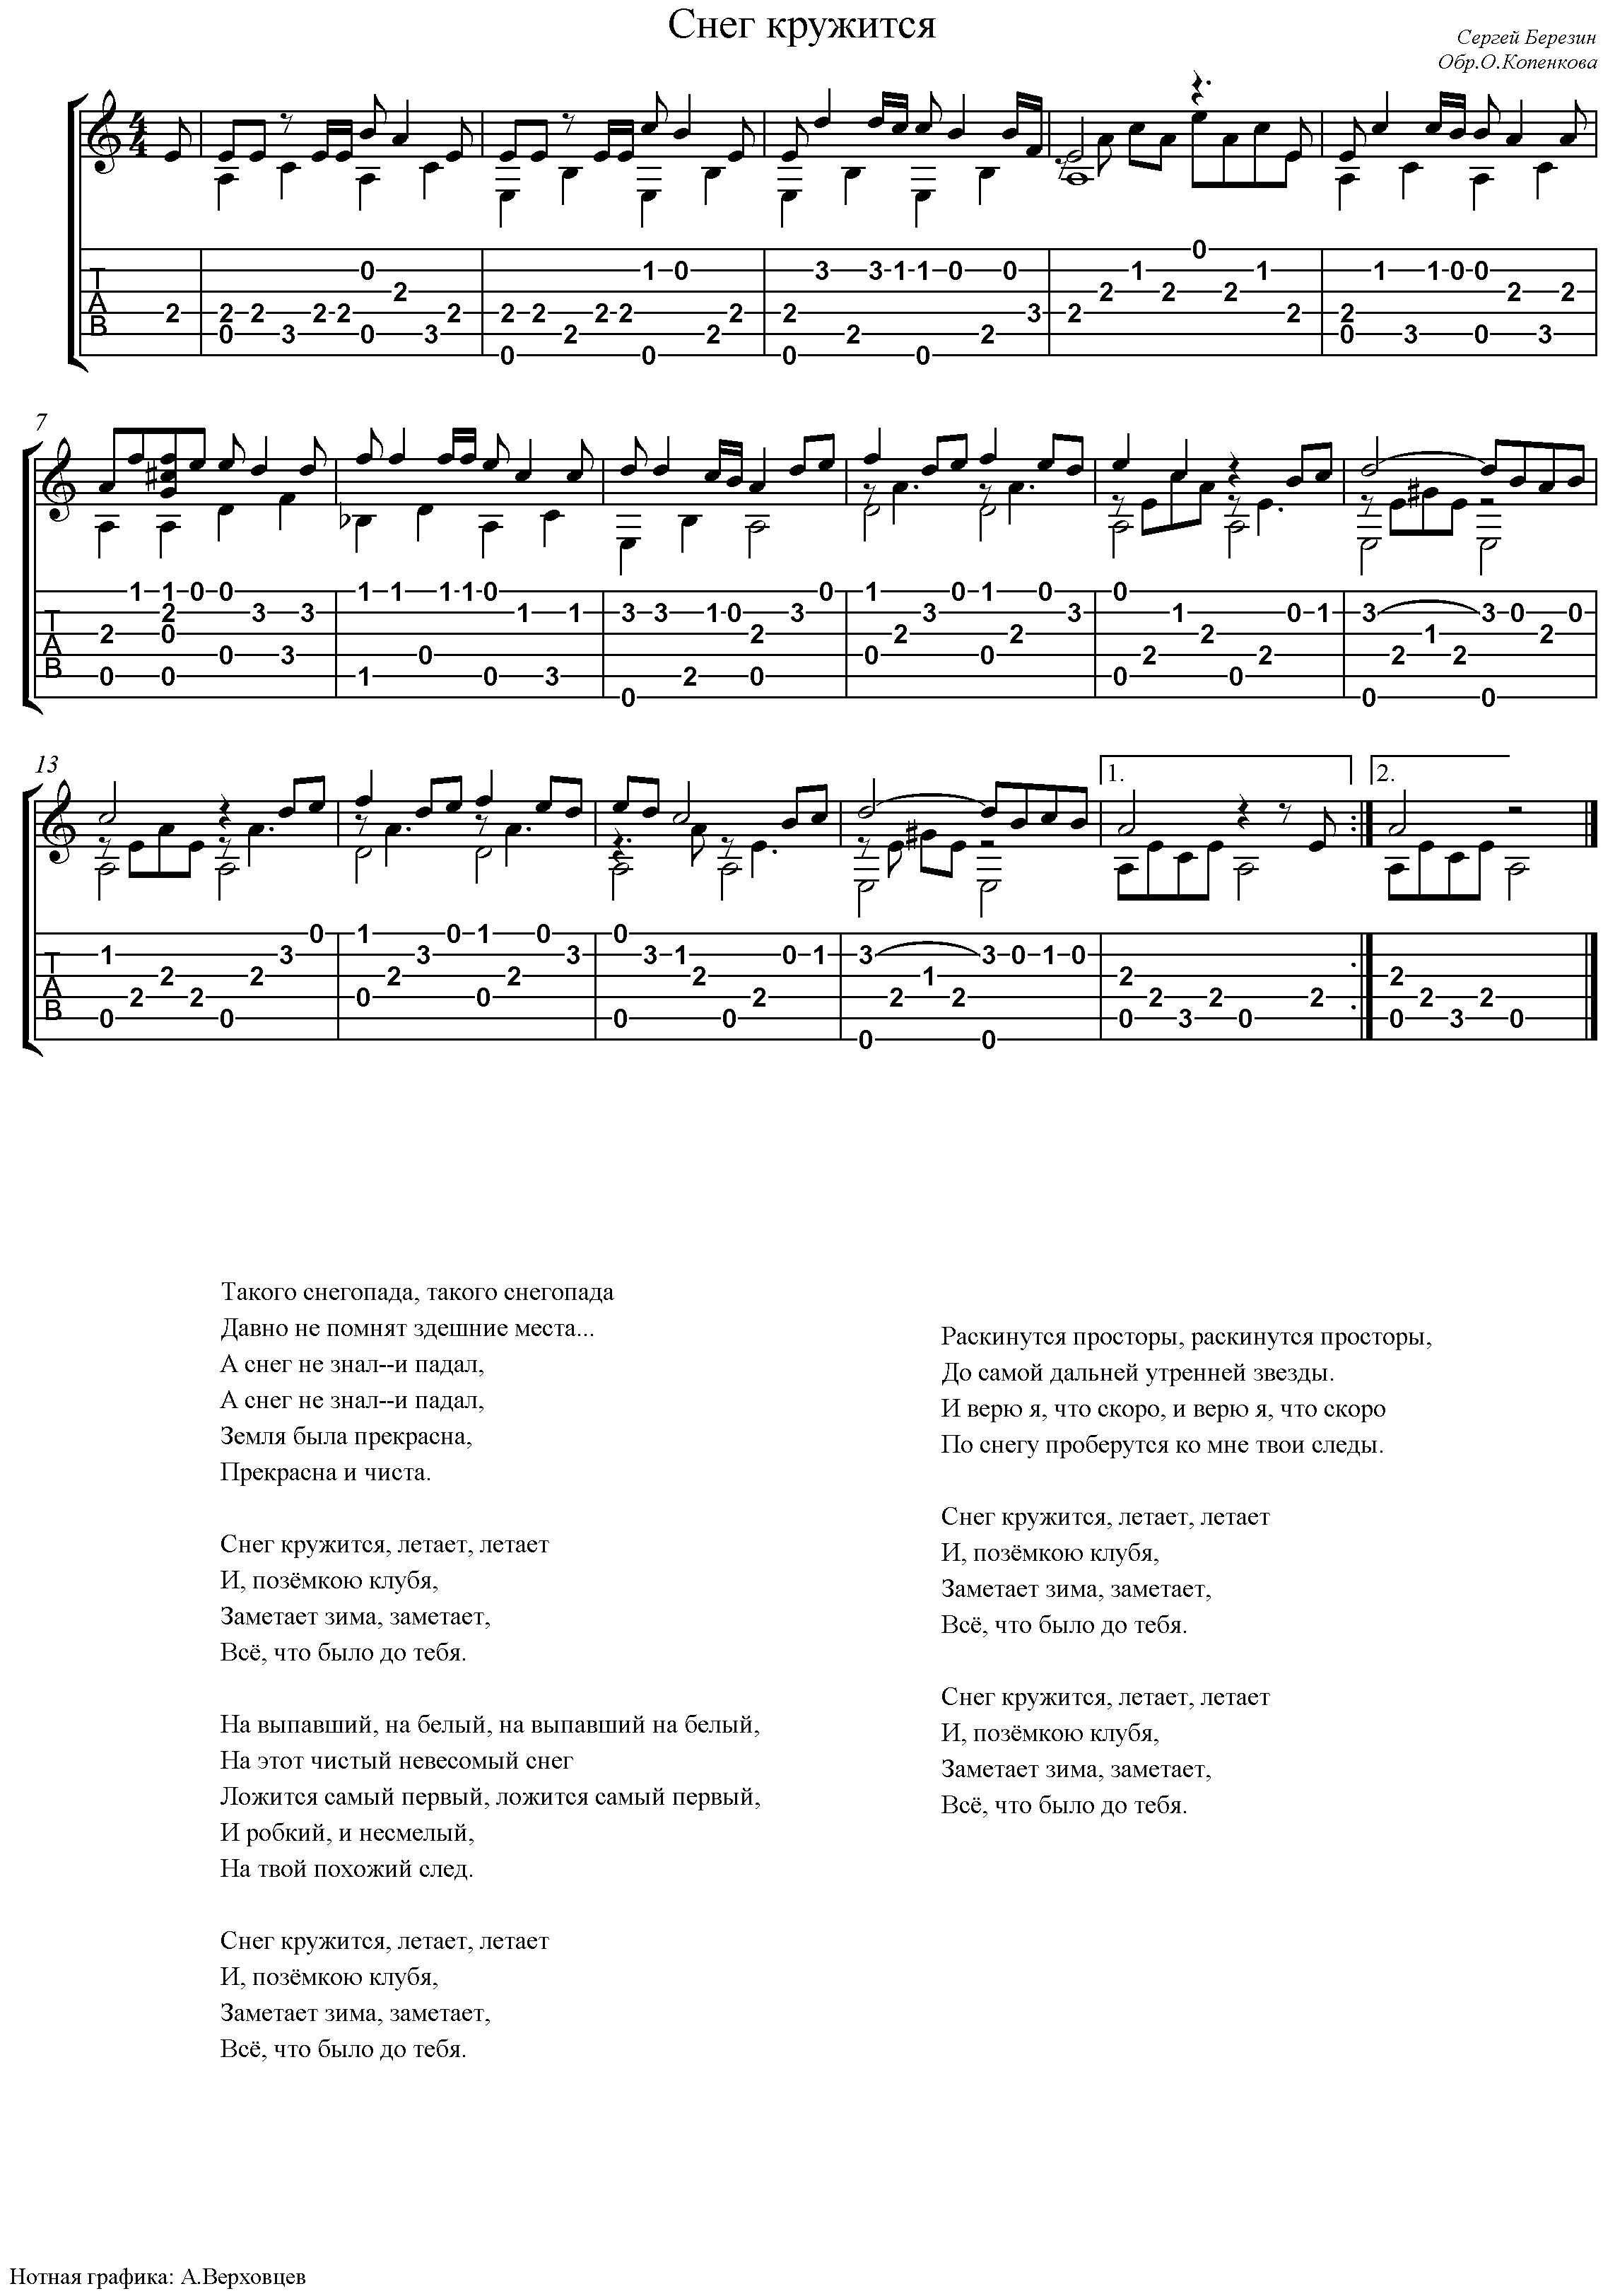 ПЕСНЯ ПО БЕЛОМУ СНЕГУ СЕДОМУ ТУМАНУ ЧЕРЕЗ ВЕТЕР РЕМИКС СКАЧАТЬ БЕСПЛАТНО